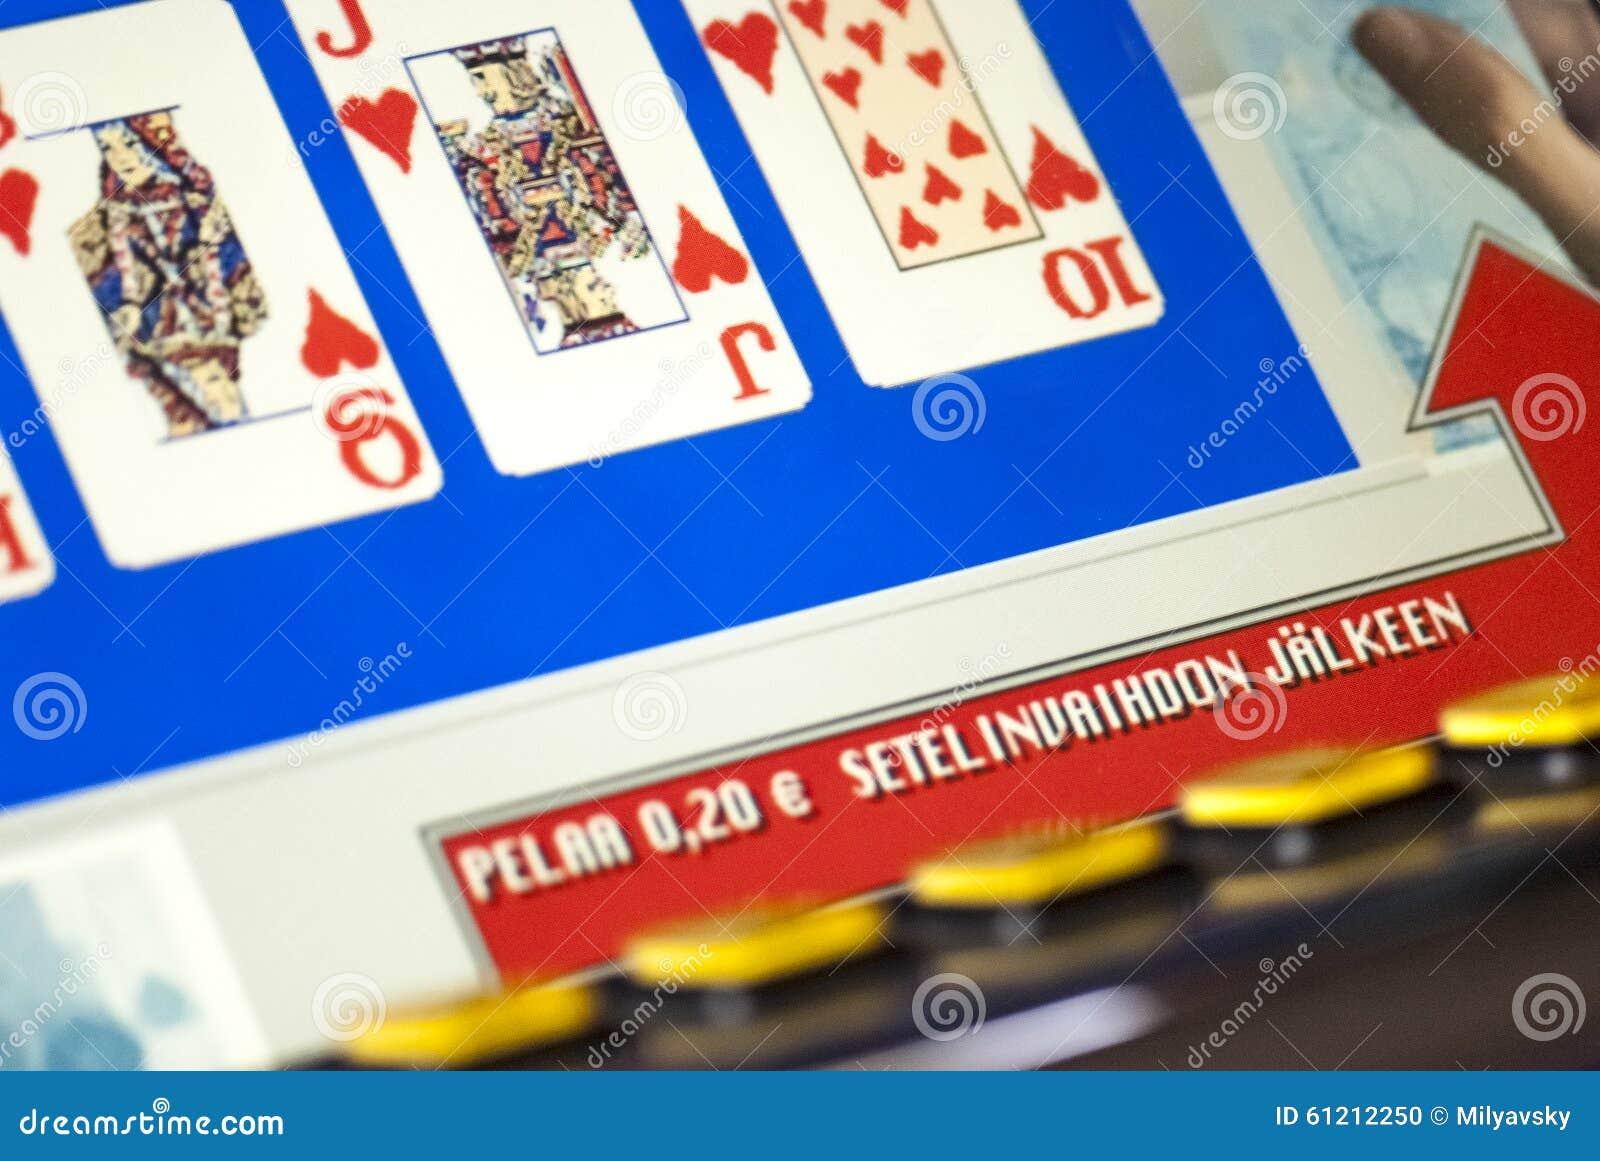 Automat do gier pokaz, karta do gry